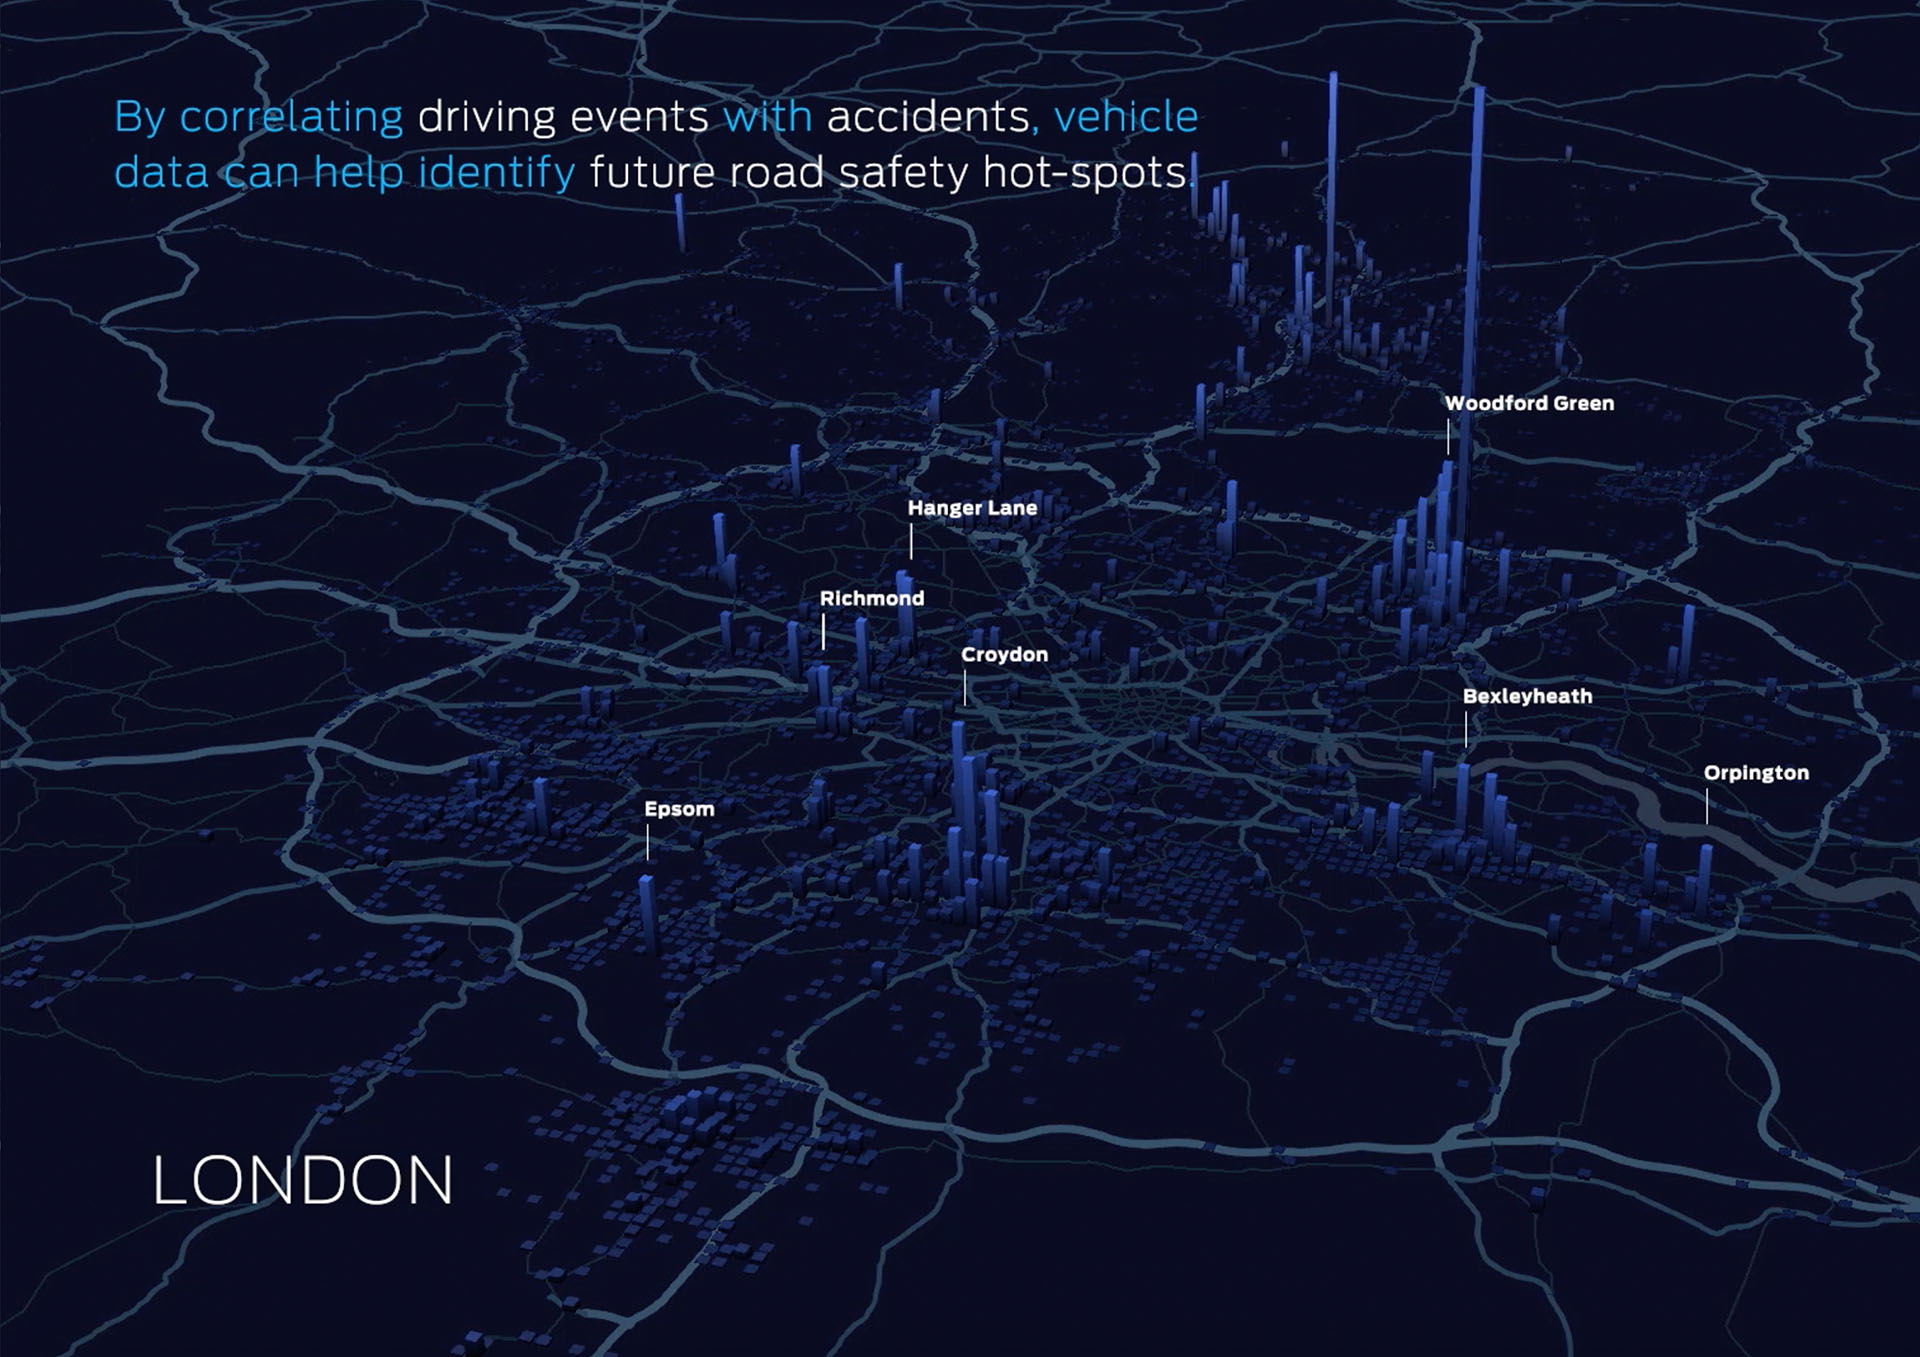 london összekapcsol helyeket